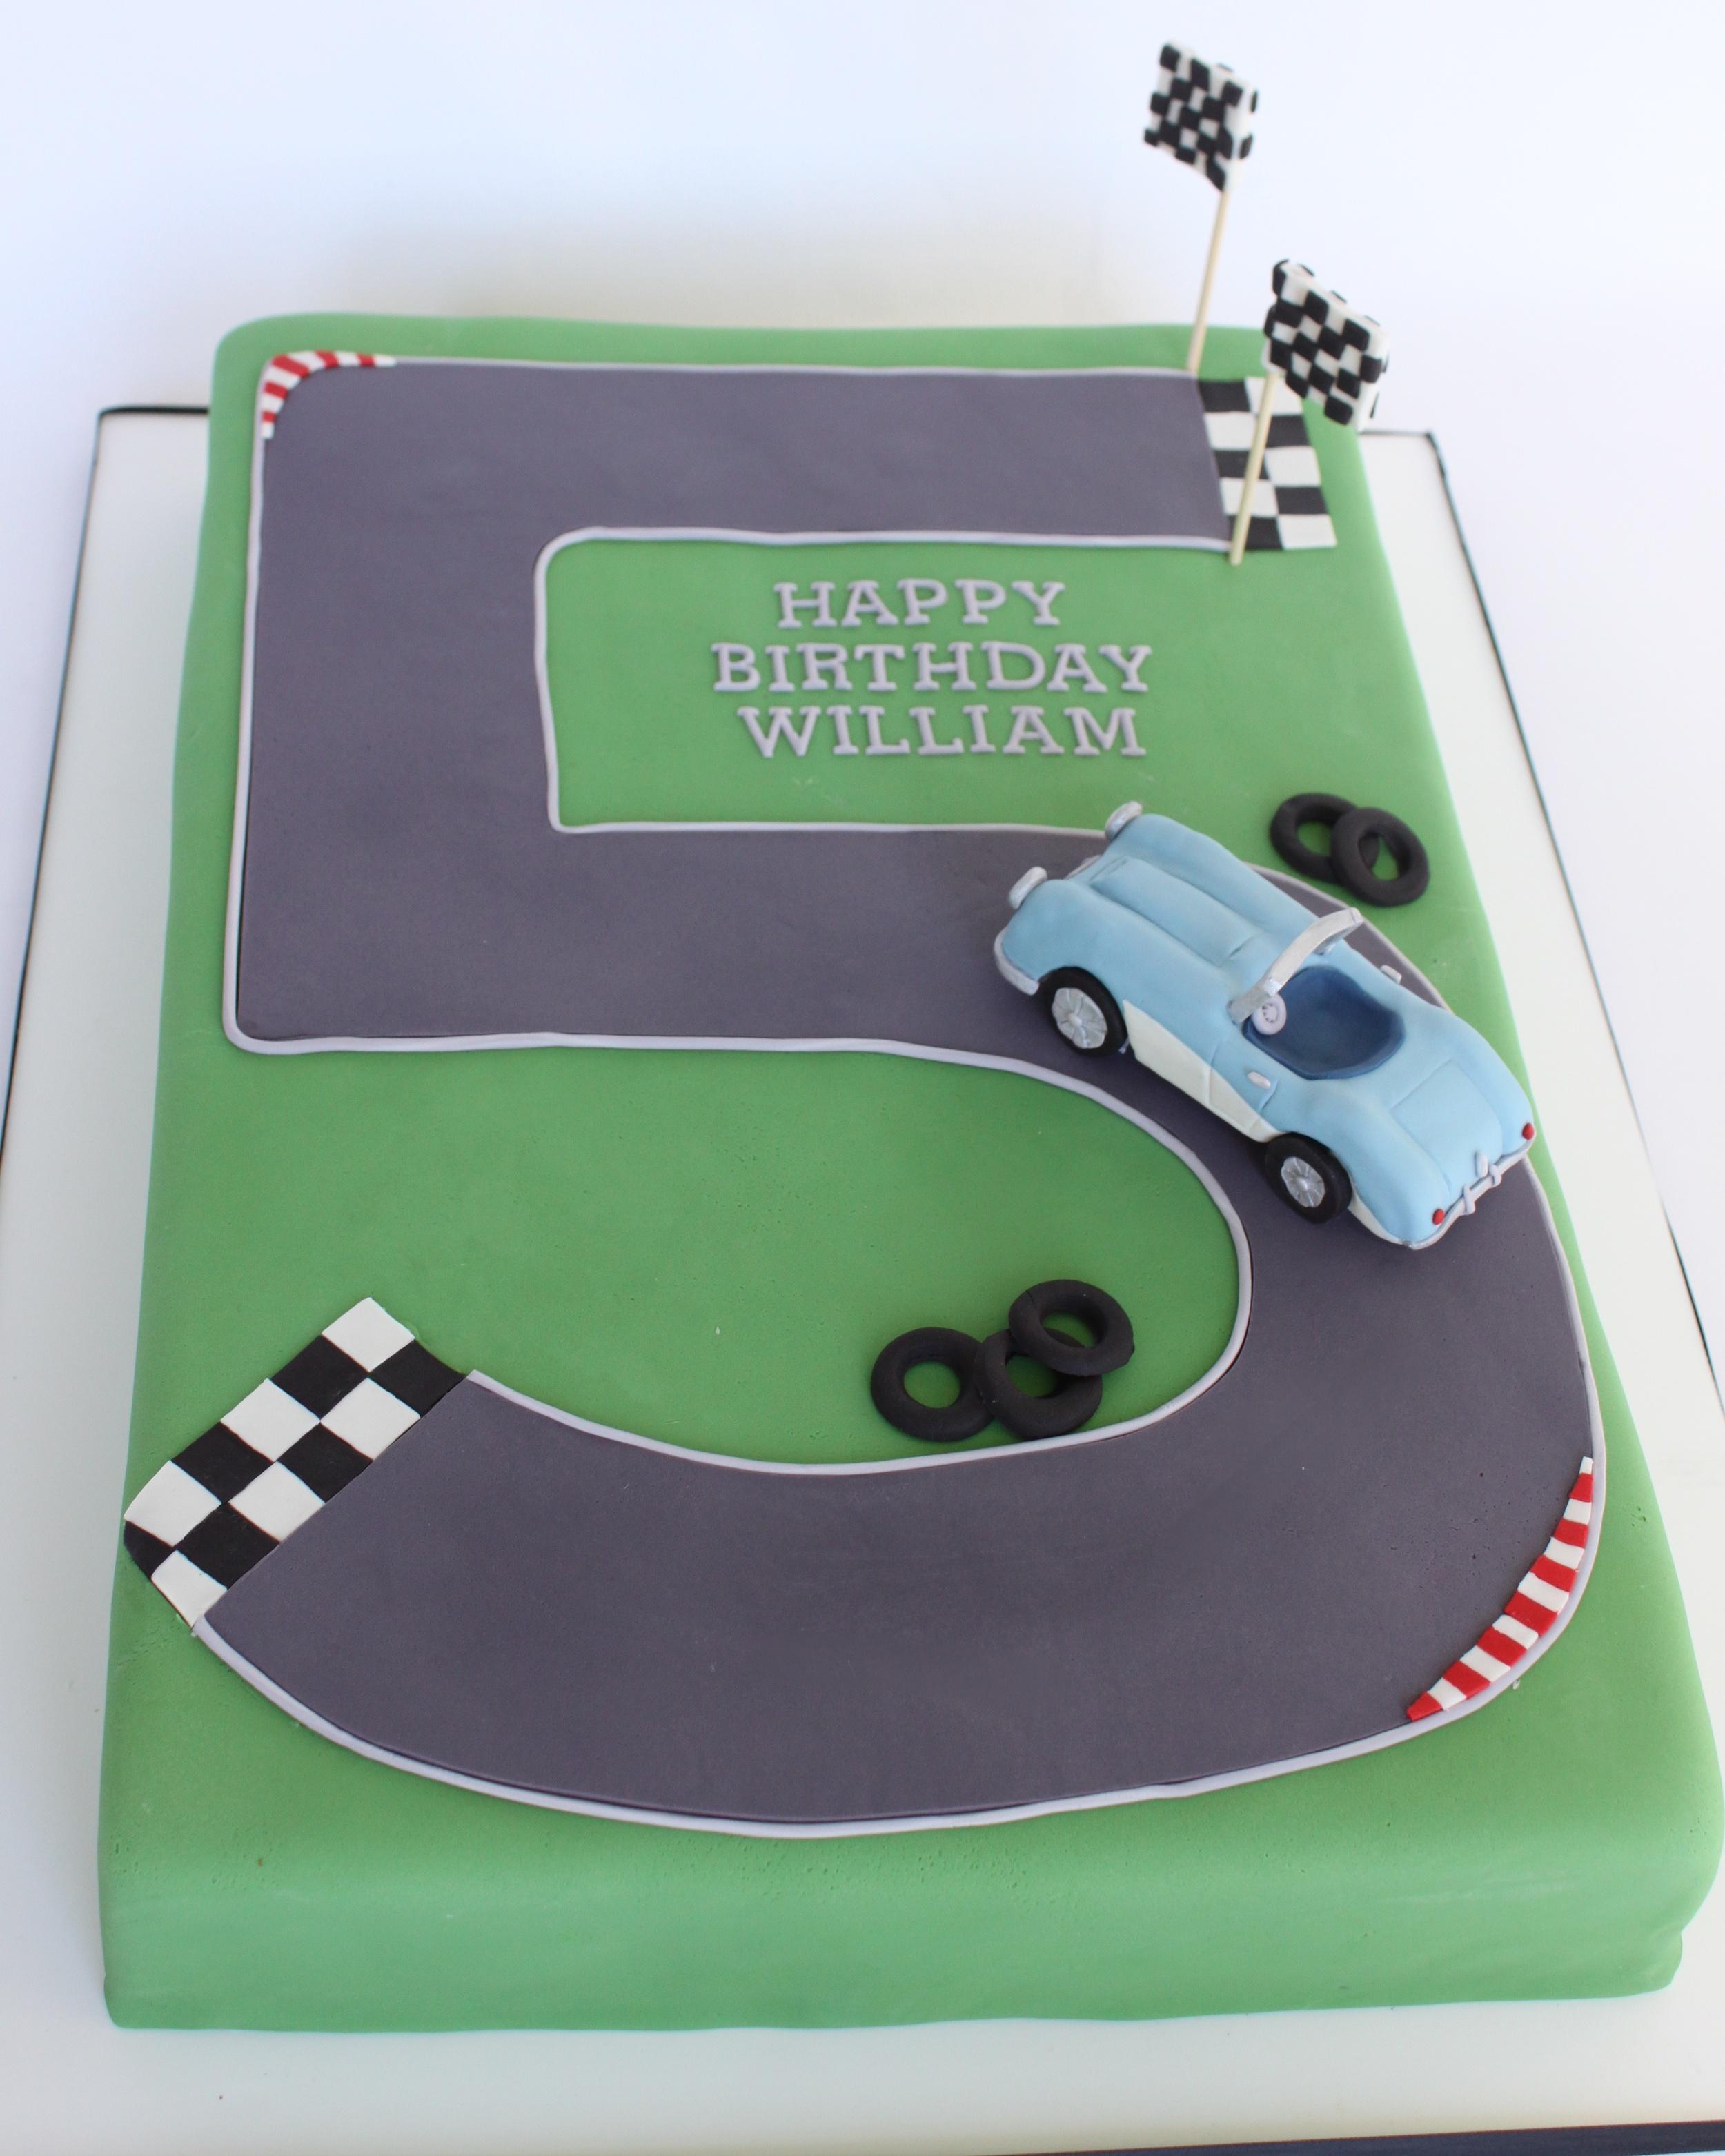 Austin Healey Birthday cake v2 7721.jpg